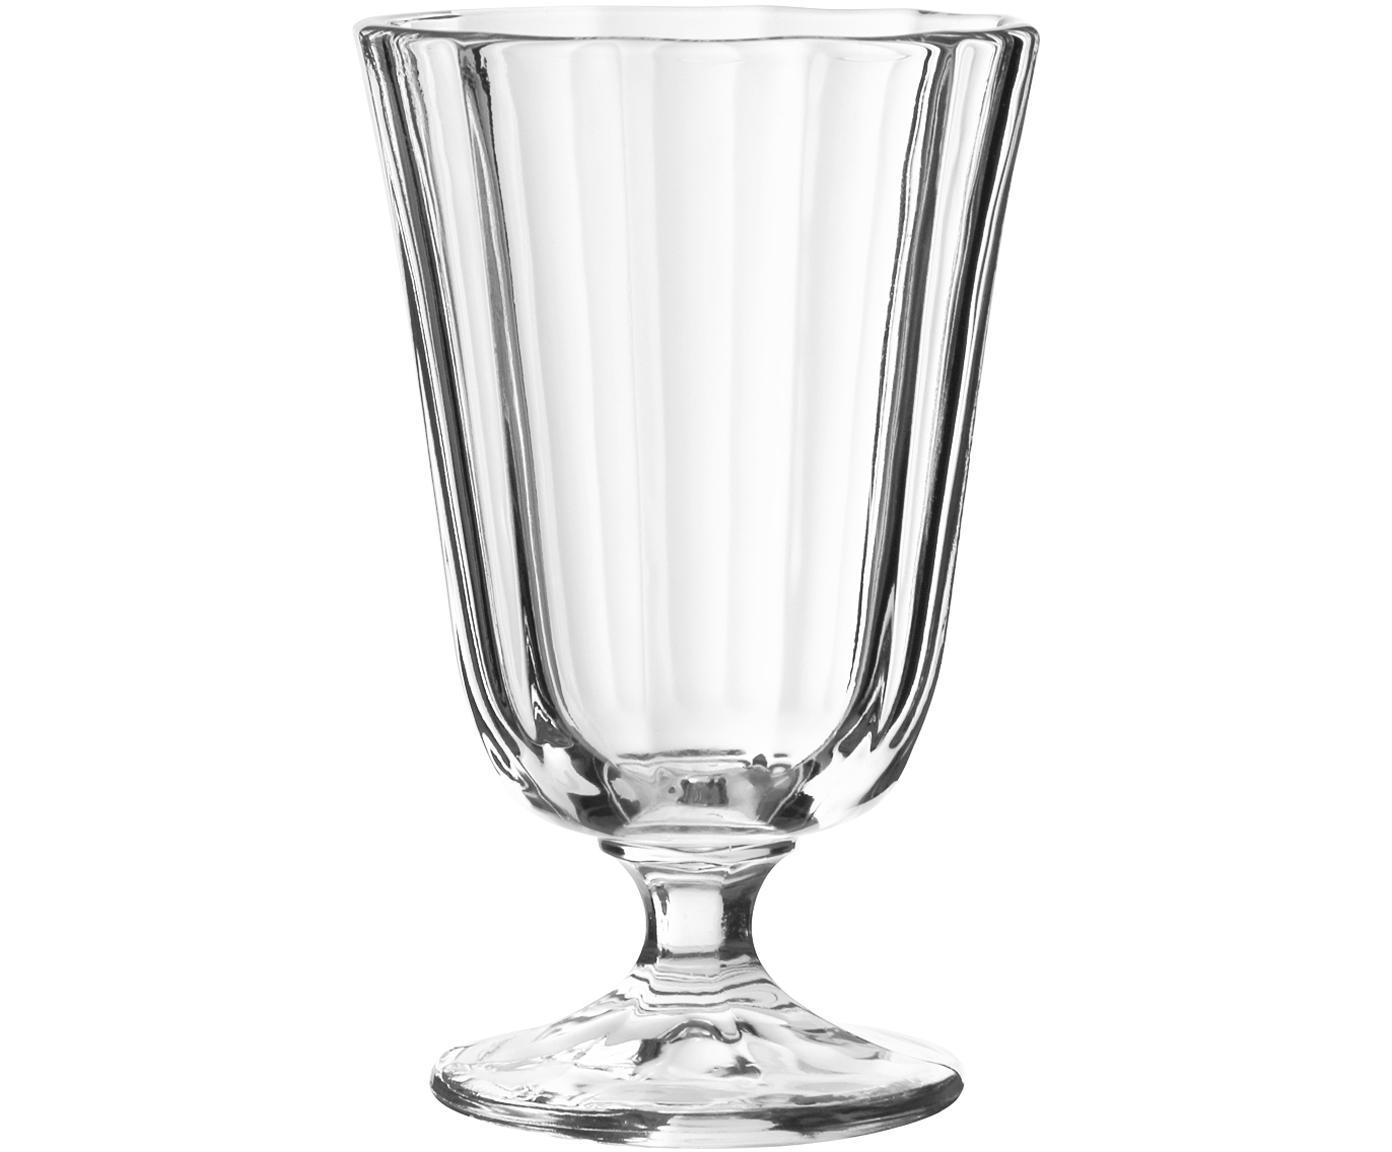 Mały kieliszek do wina Ana, 12 szt., Szkło, Transparentny, 195 ml